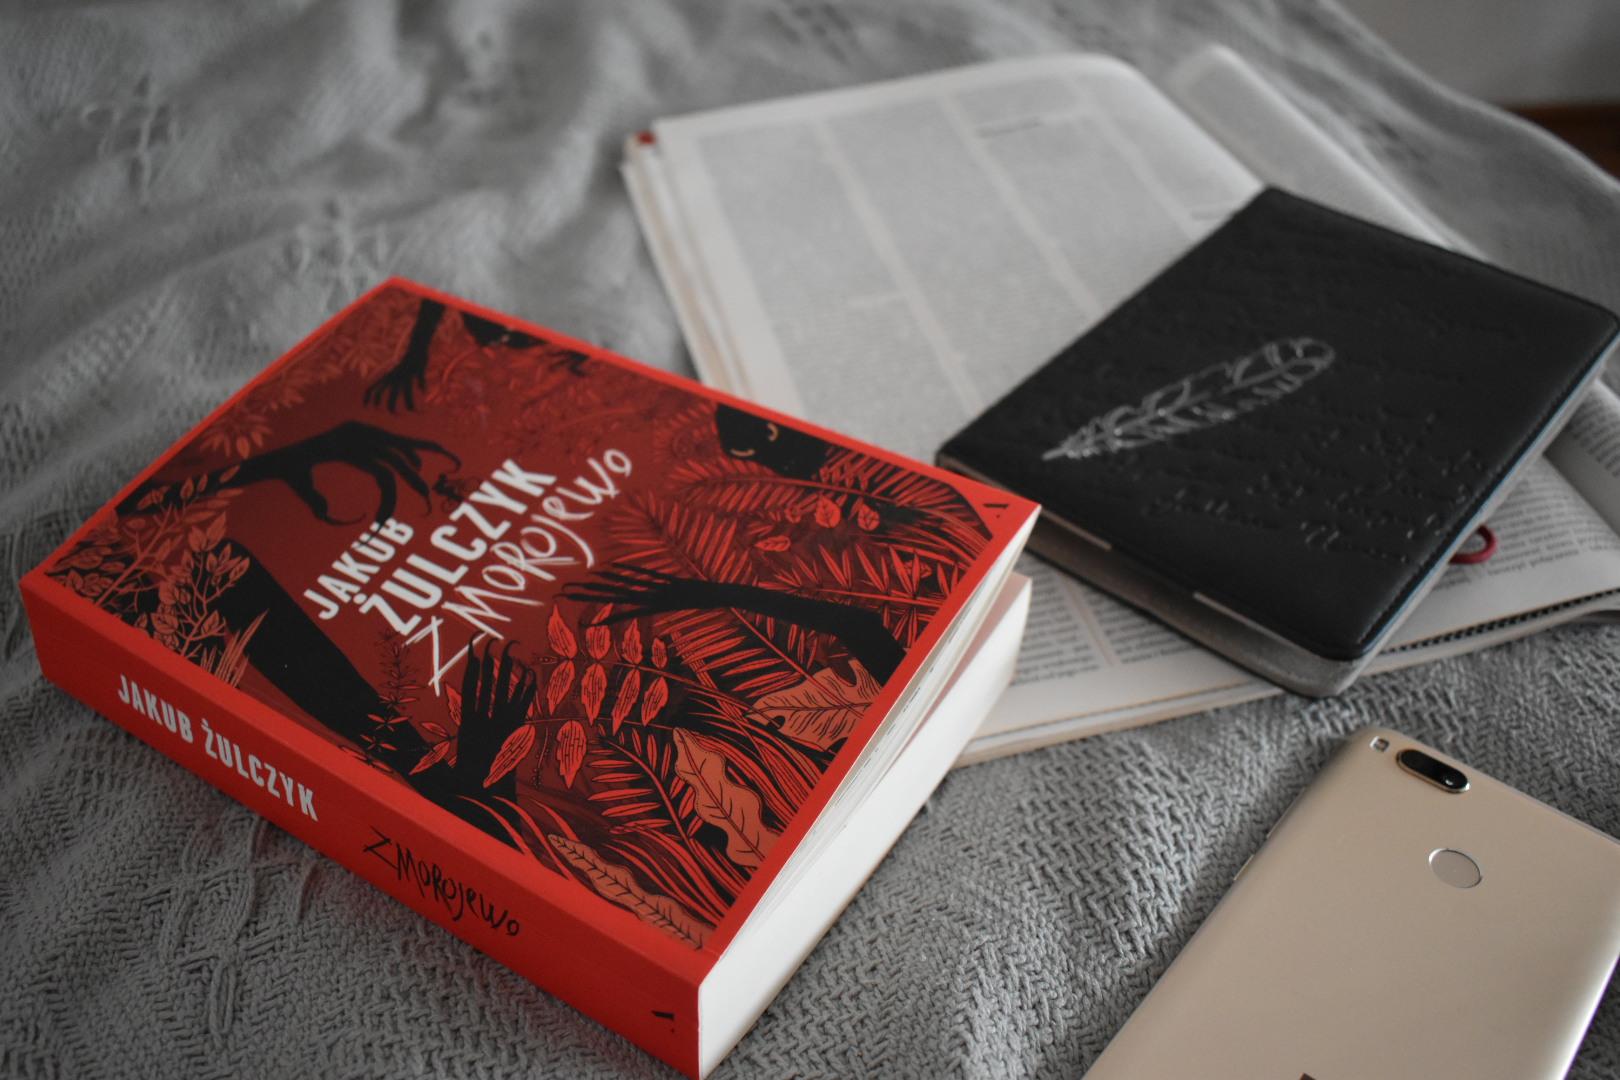 książka zmorojjewo jakub żulczyk